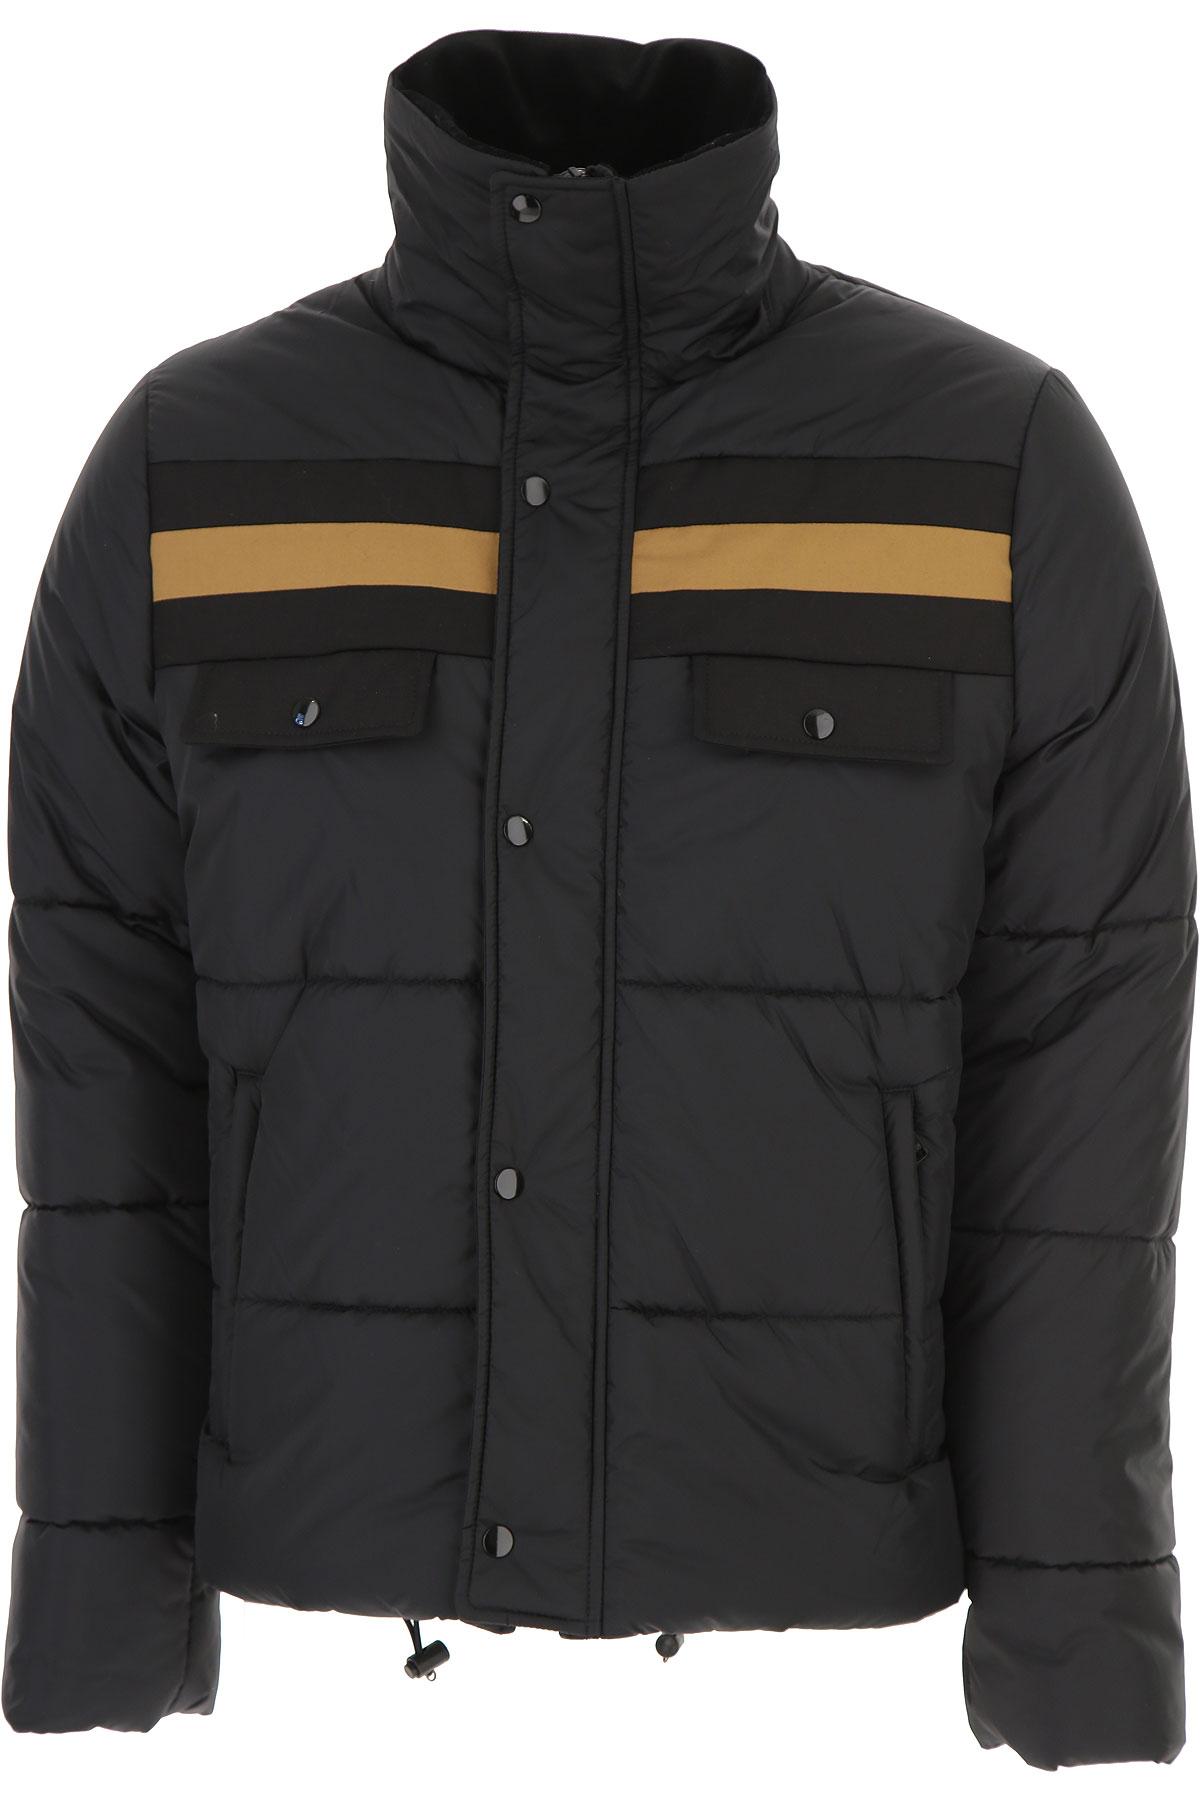 Image of Gilmar Down Jacket for Men, Puffer Ski Jacket, Black, polyamide, 2017, 2 - Uk/Usa M - Ita 48 3 - Uk/Usa L - Ita 50 4 - Uk/Usa XL - Ita 52